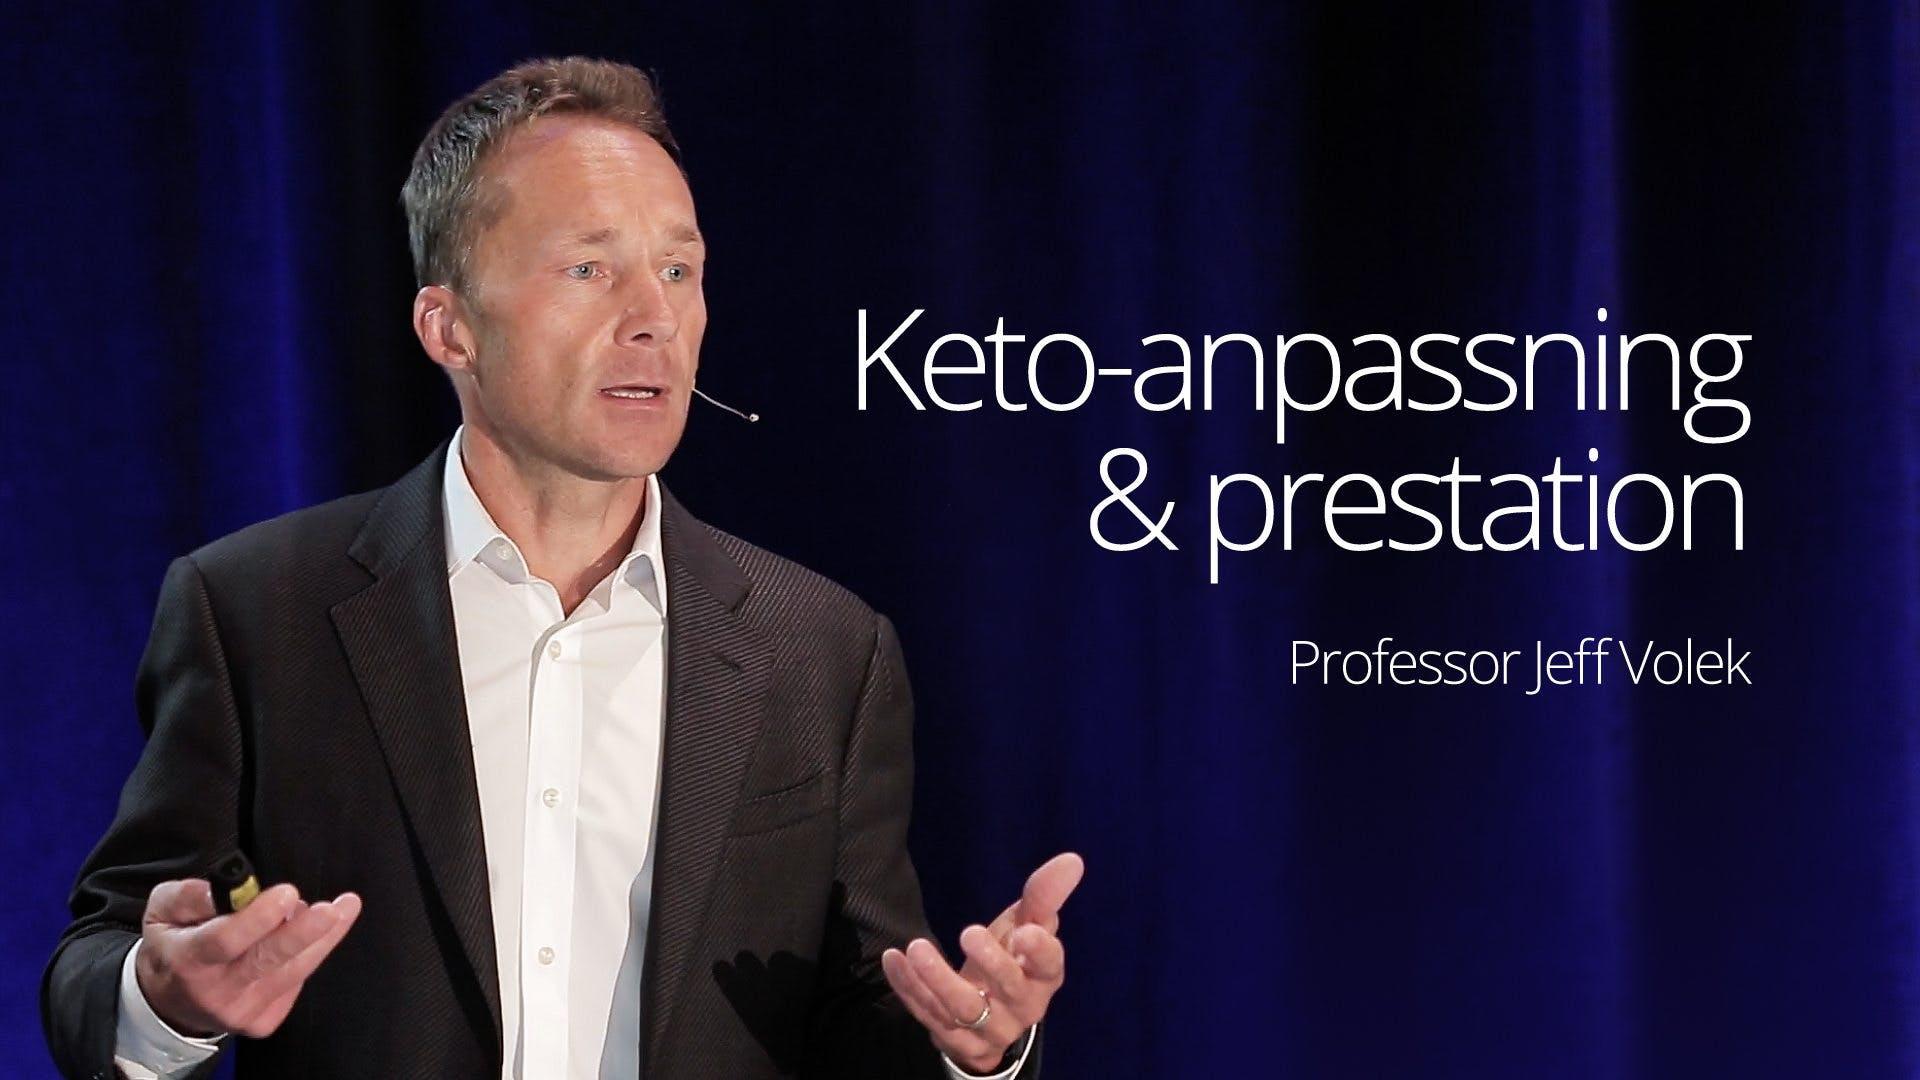 Keto-anpassning och prestation